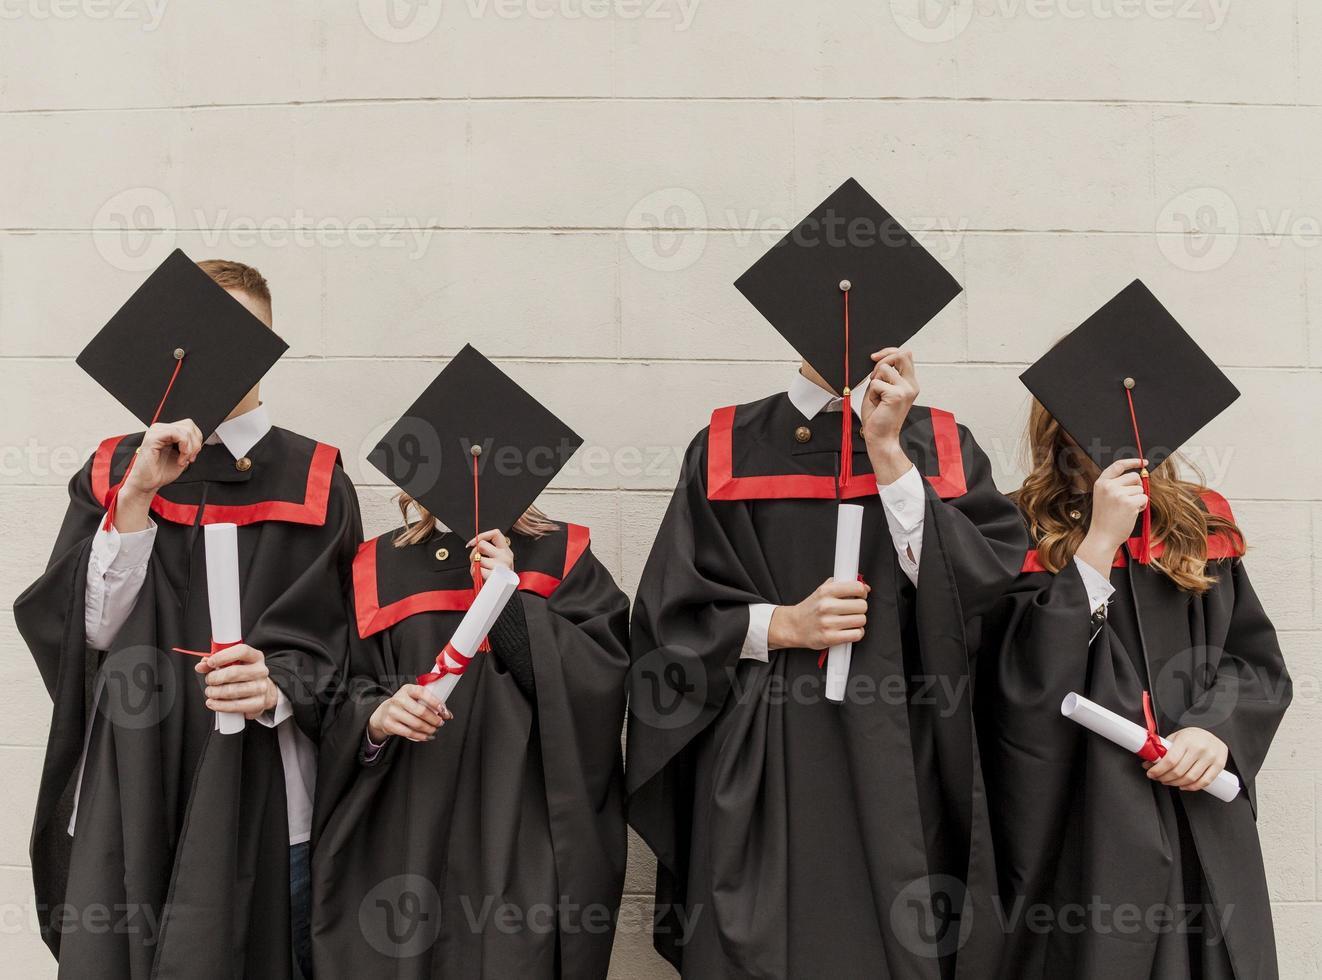 vista frontal de alunos se formando cobrindo rostos foto